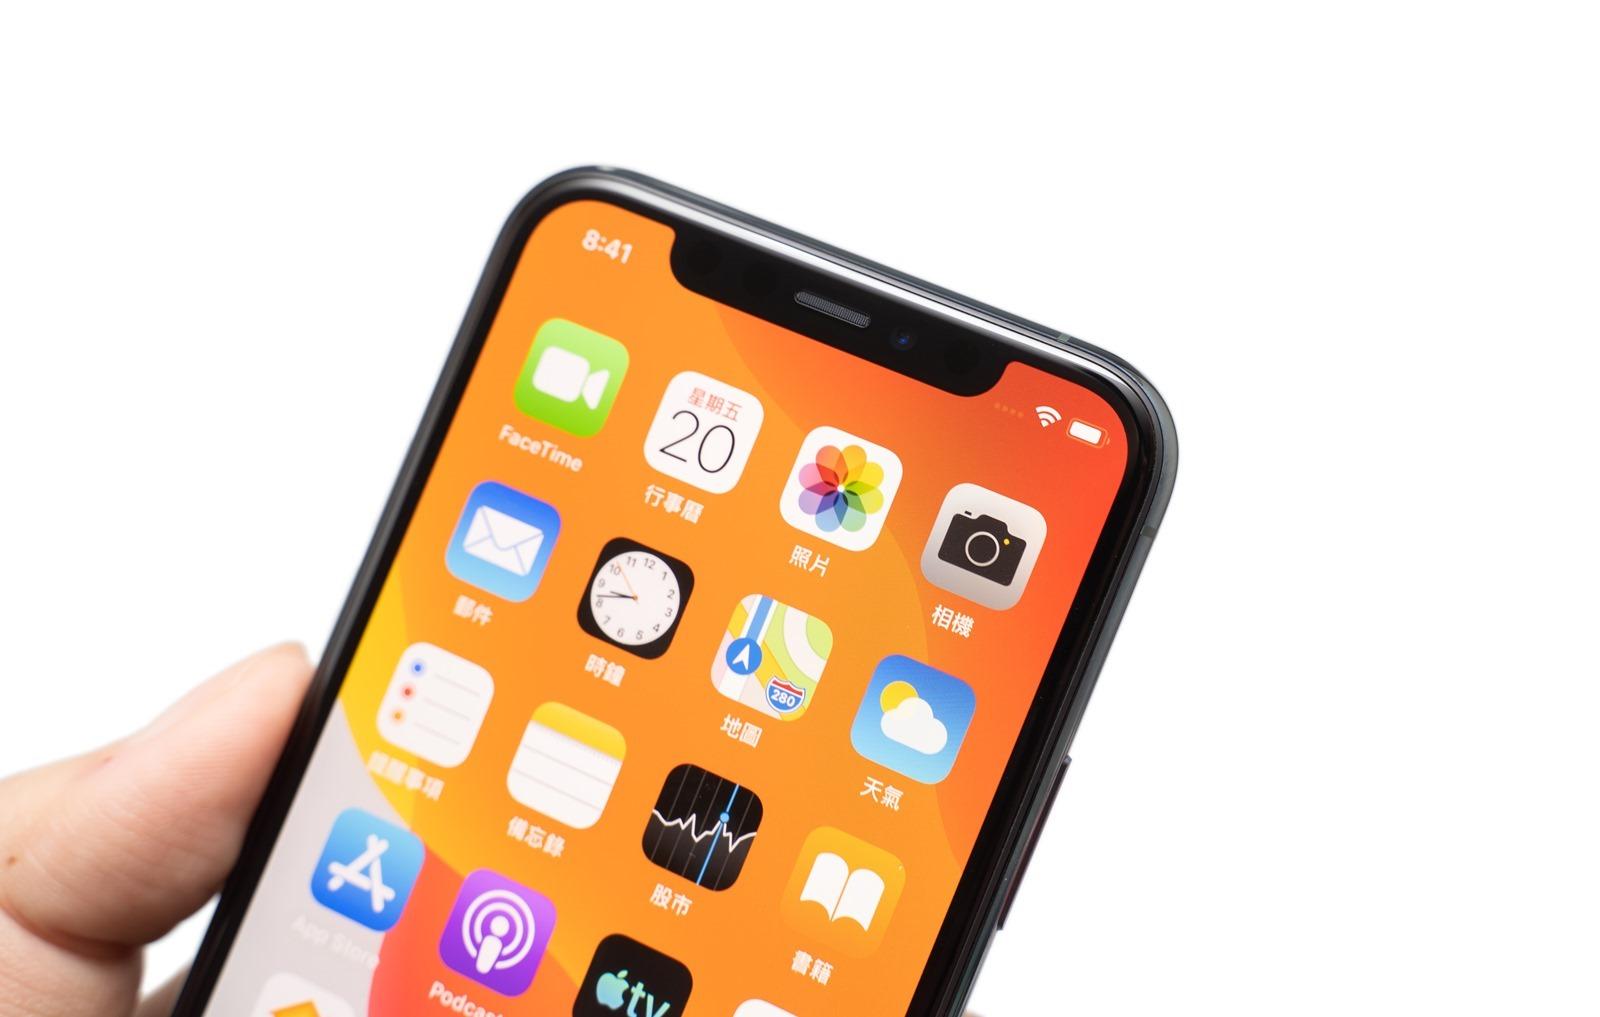 台版 Apple iPhone 11 / Pro / Pro Max 三支一次開箱! (墨綠 +紅色),看看盒中有什麼?( iPhone 11 / Pro / Pro Max unboxing) @3C 達人廖阿輝